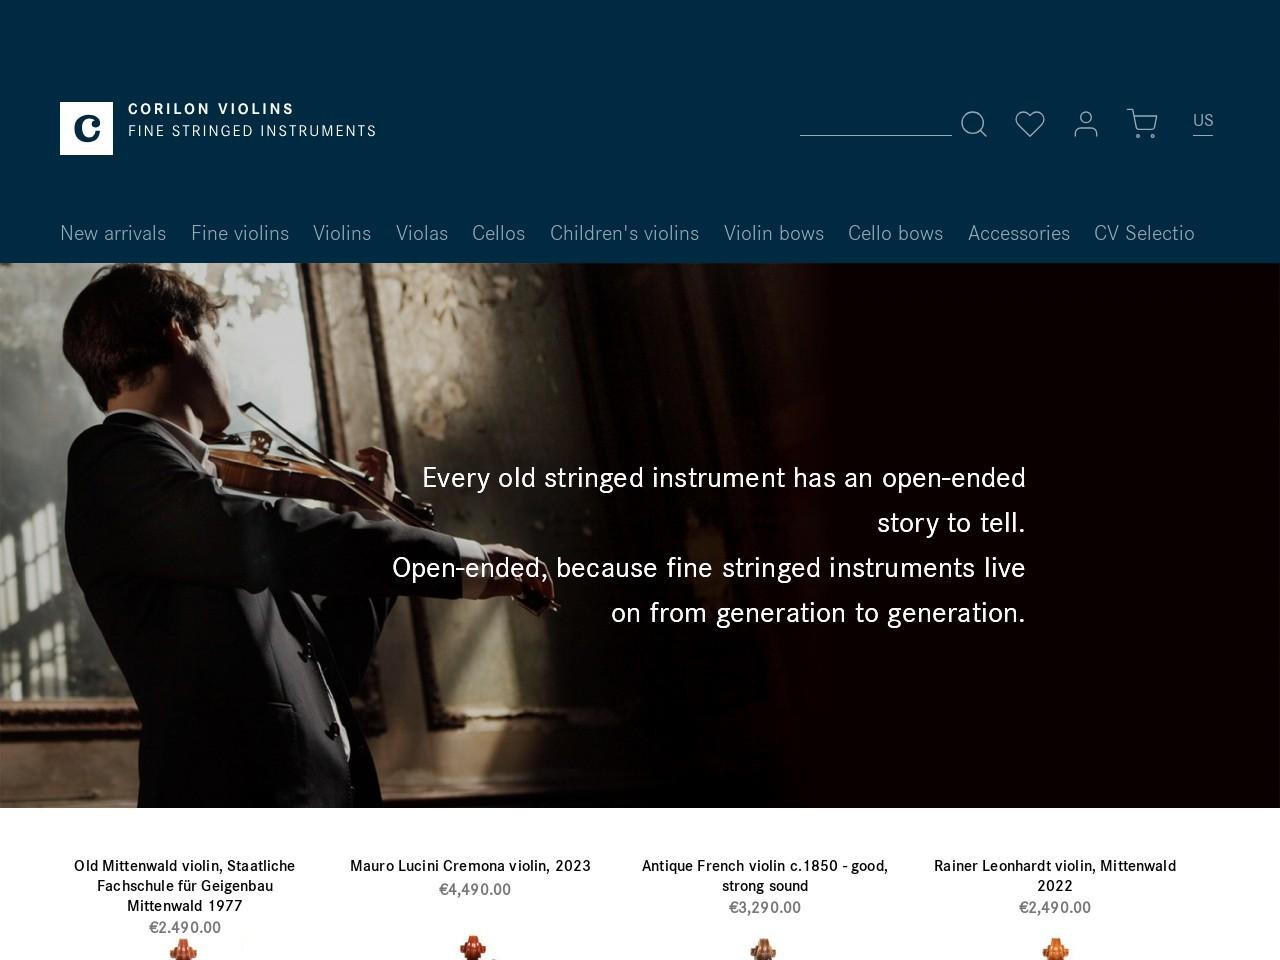 德国小提琴